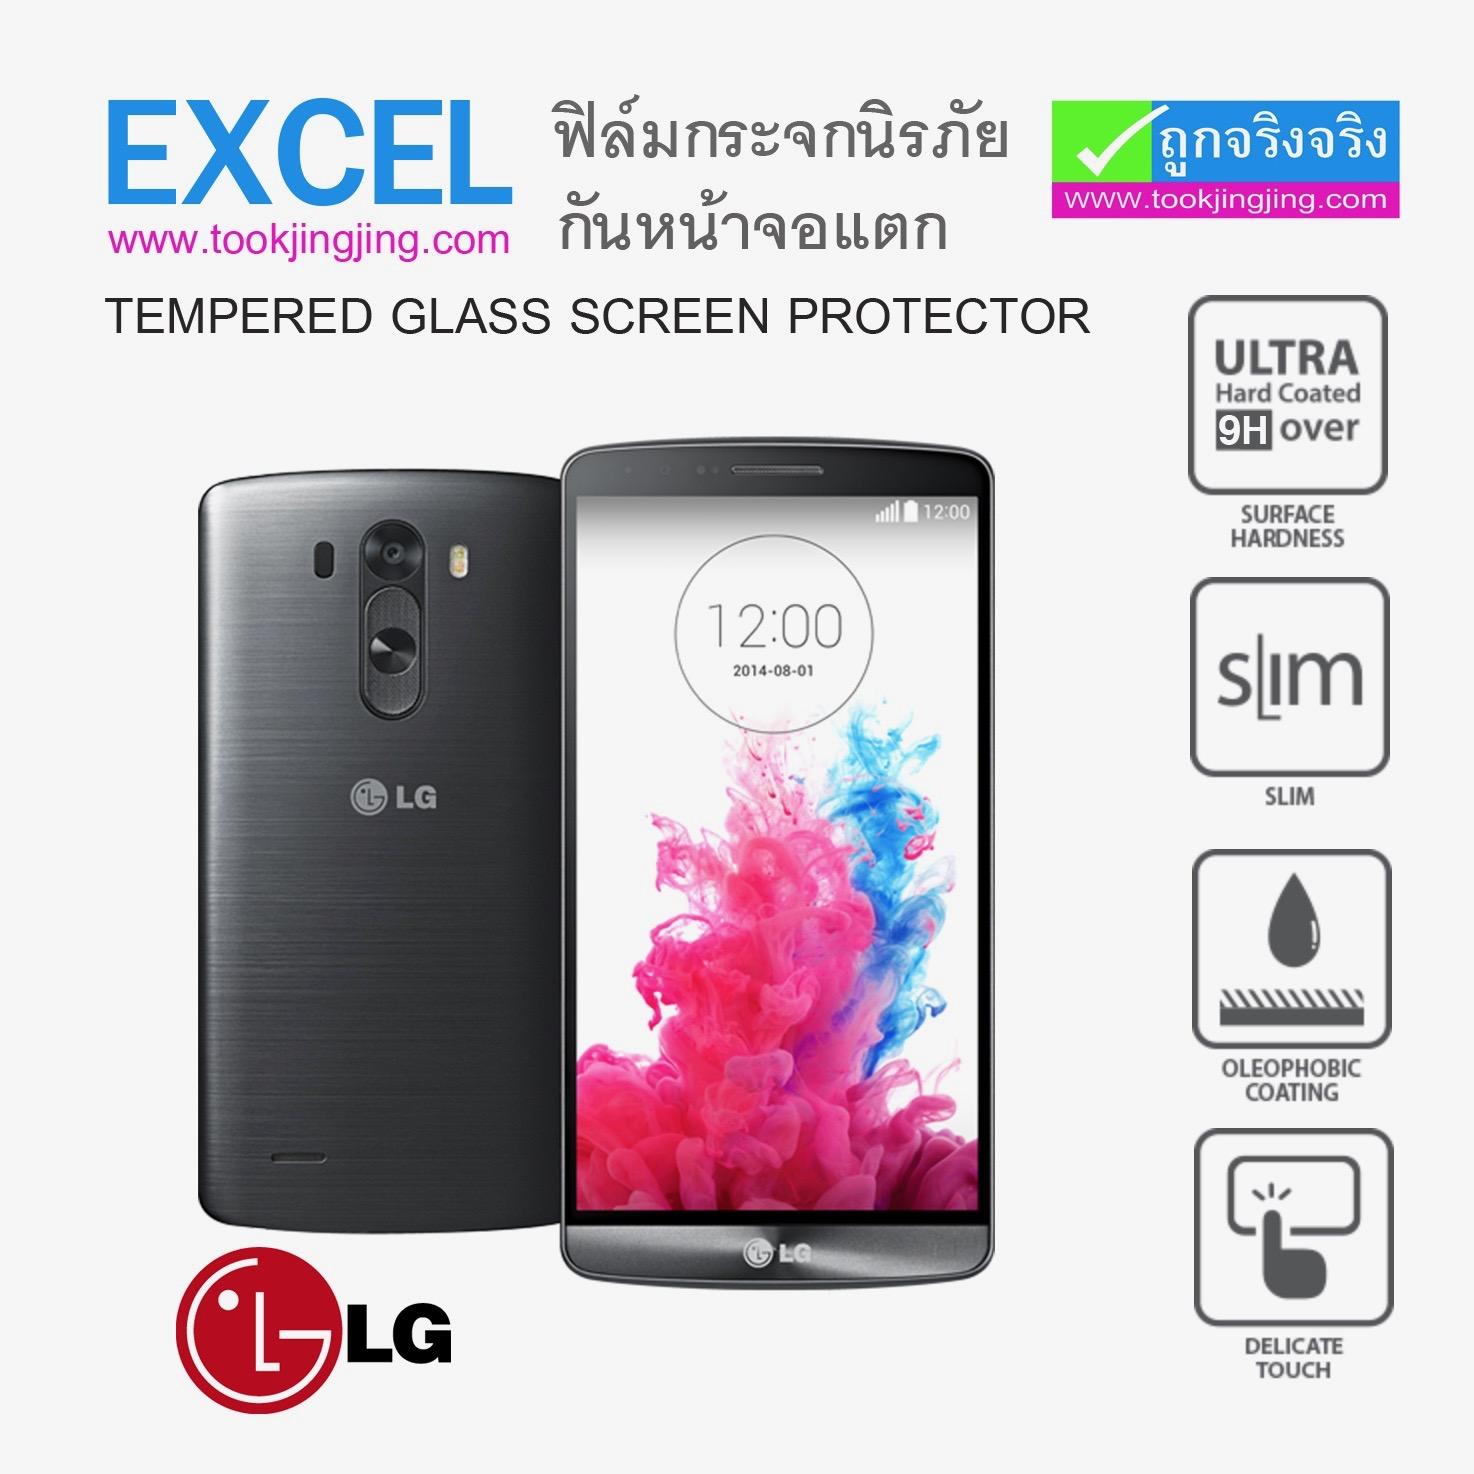 ฟิล์มกระจก LG Excel ความแข็ง 9H ราคา 39 บาท ปกติ 150 บาท